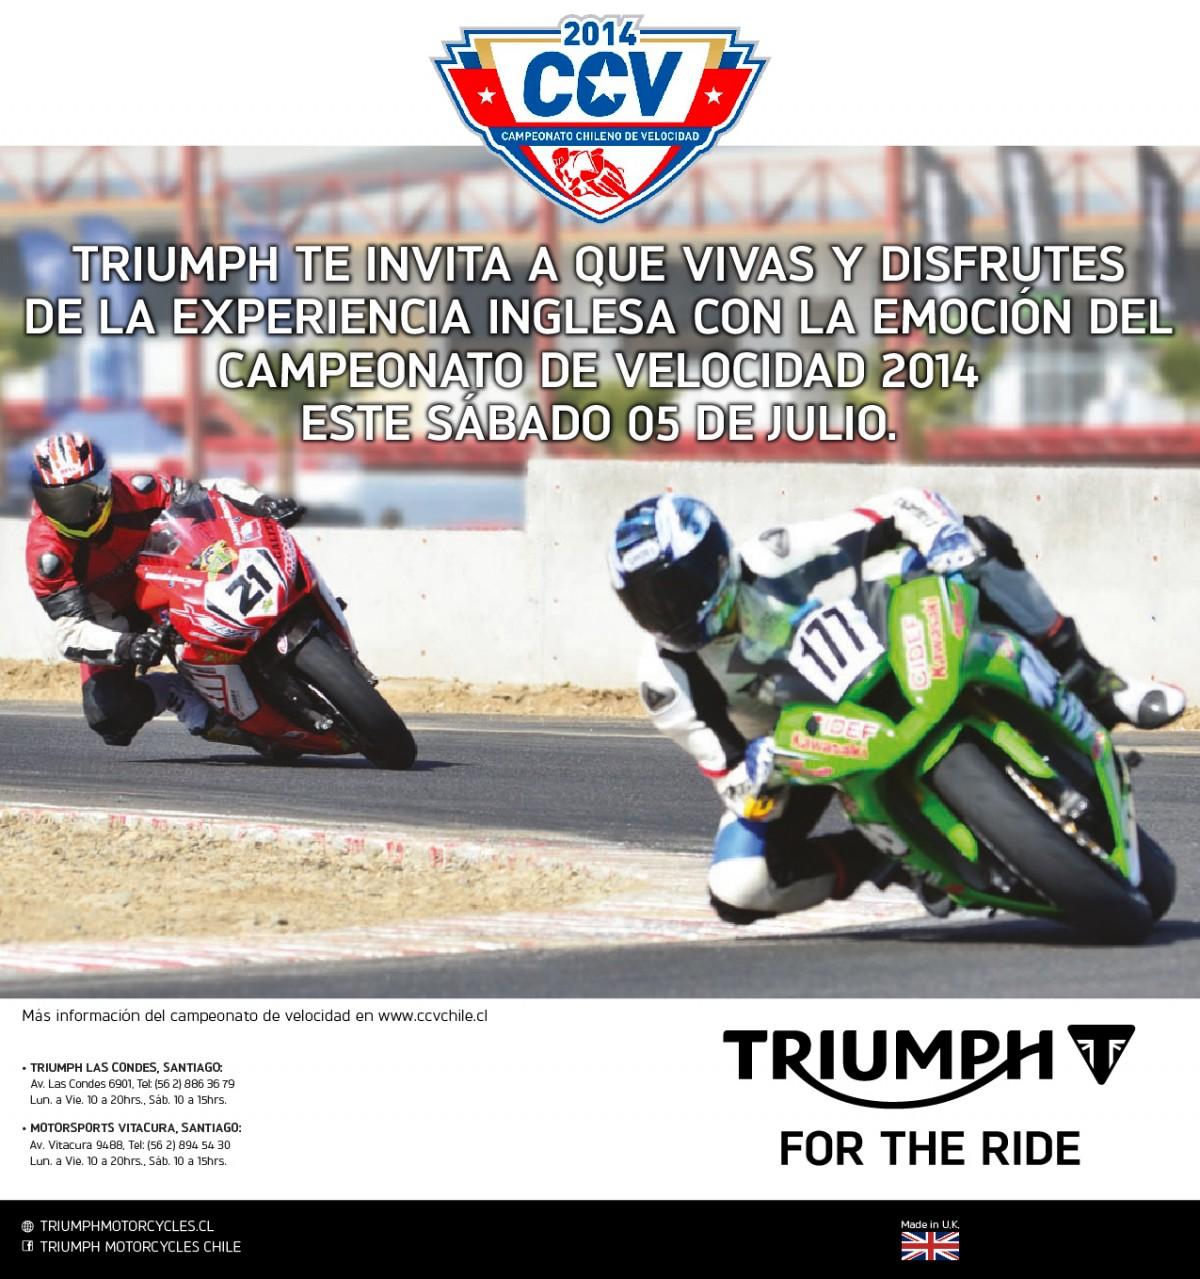 Grupo de motos Triumph estará presente en 3ra fecha del Campeonato de Velocidad